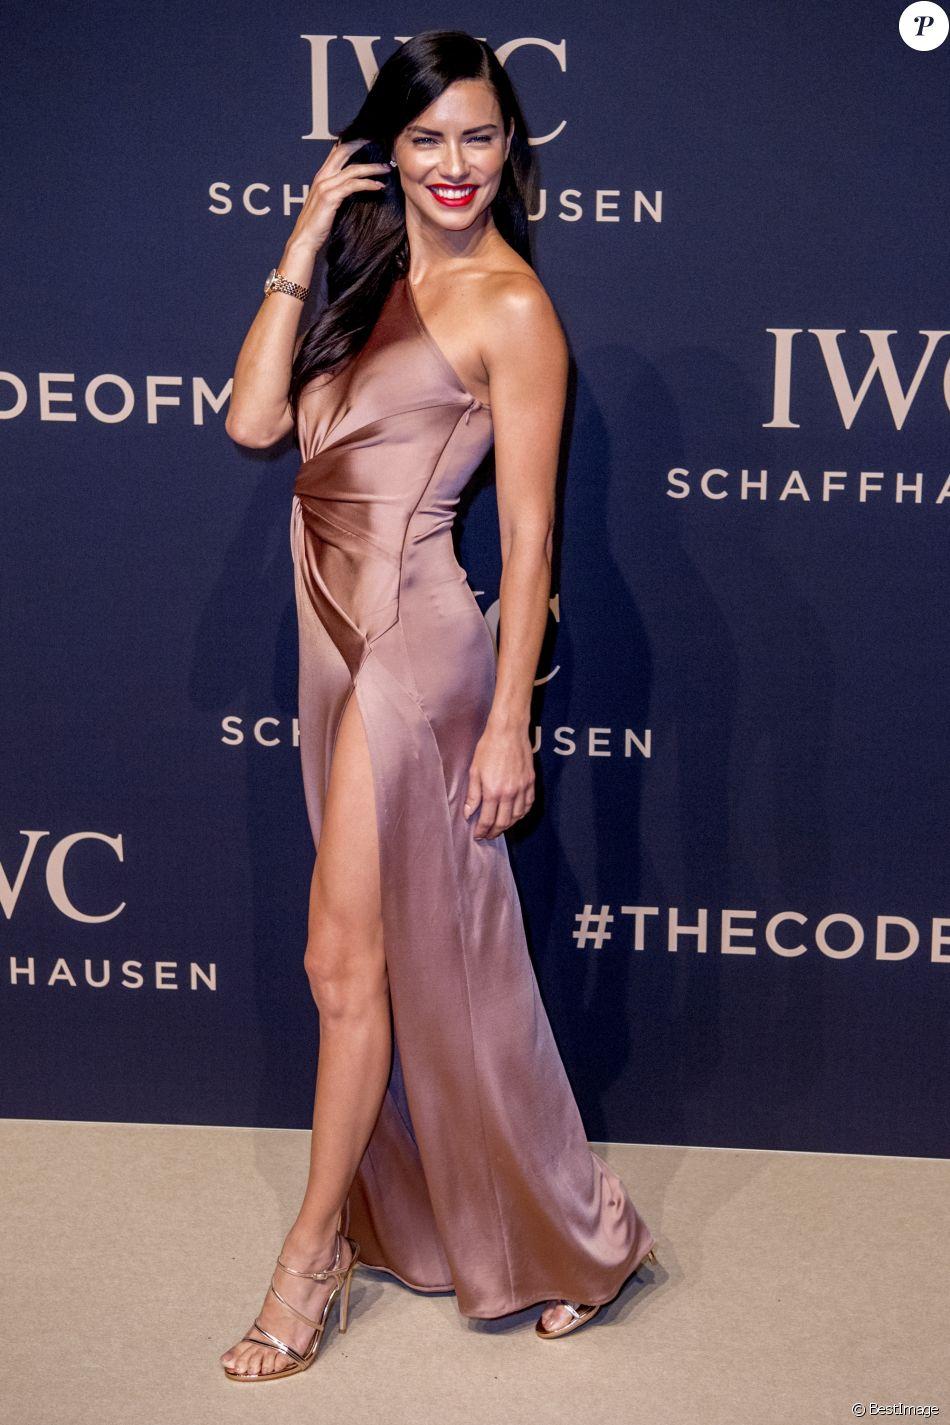 Adriana Lima au lancement de la collection Da Vinci du fabricant de montres de luxe suisse IWC Schaffhausen au salon international de la haute horlogerie (SIHH) à Genève, Suisse, le 17 janvier 2017.